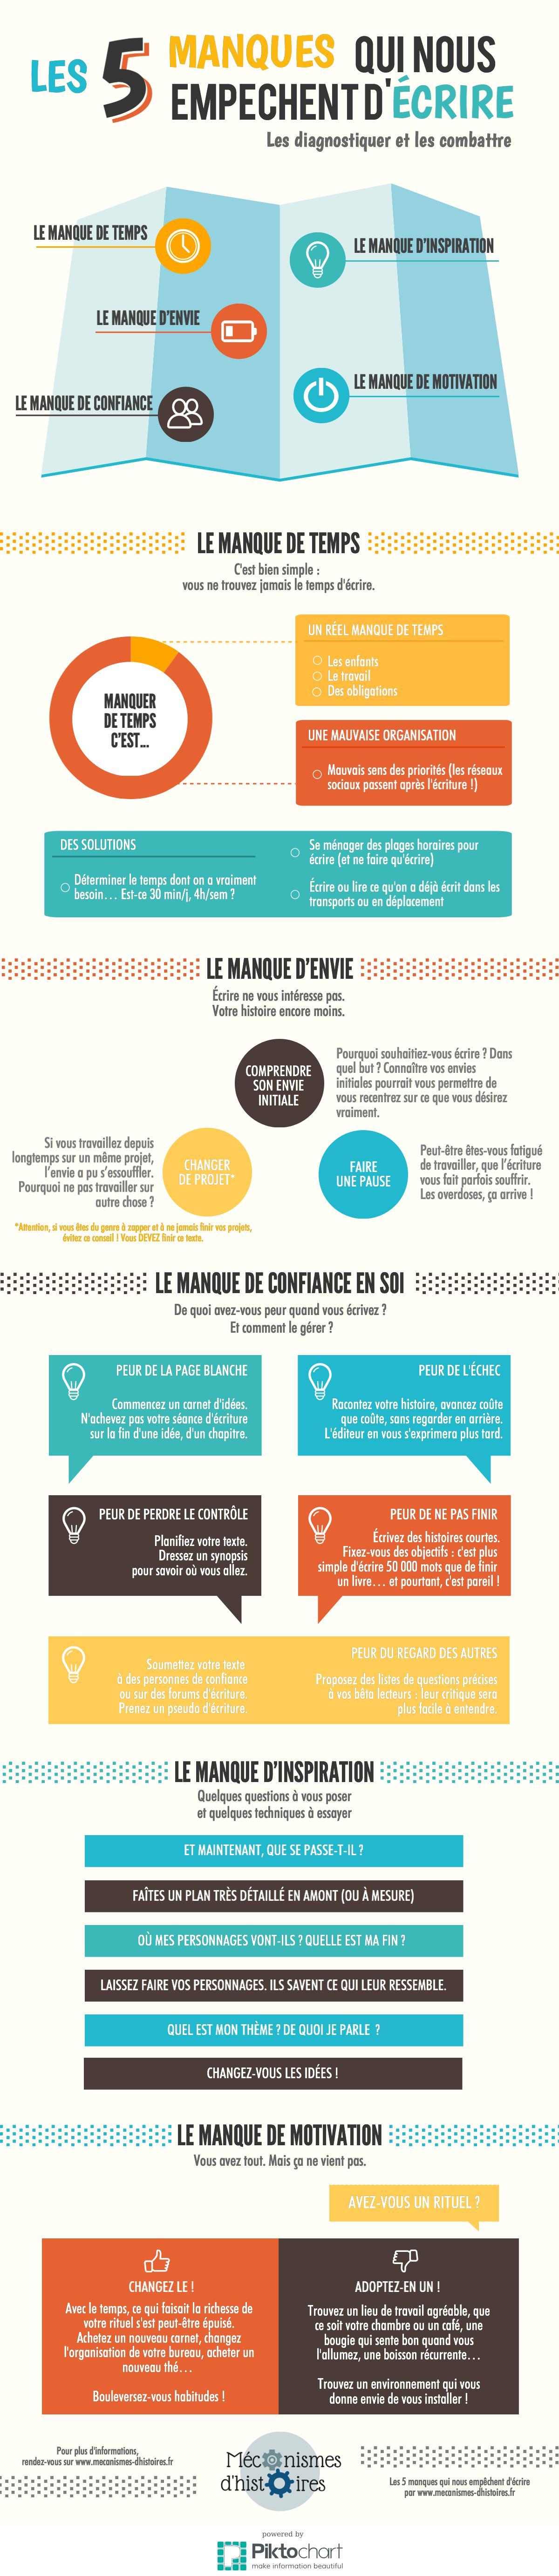 Infographie : Ces manques qui nous empêchent d'écrire